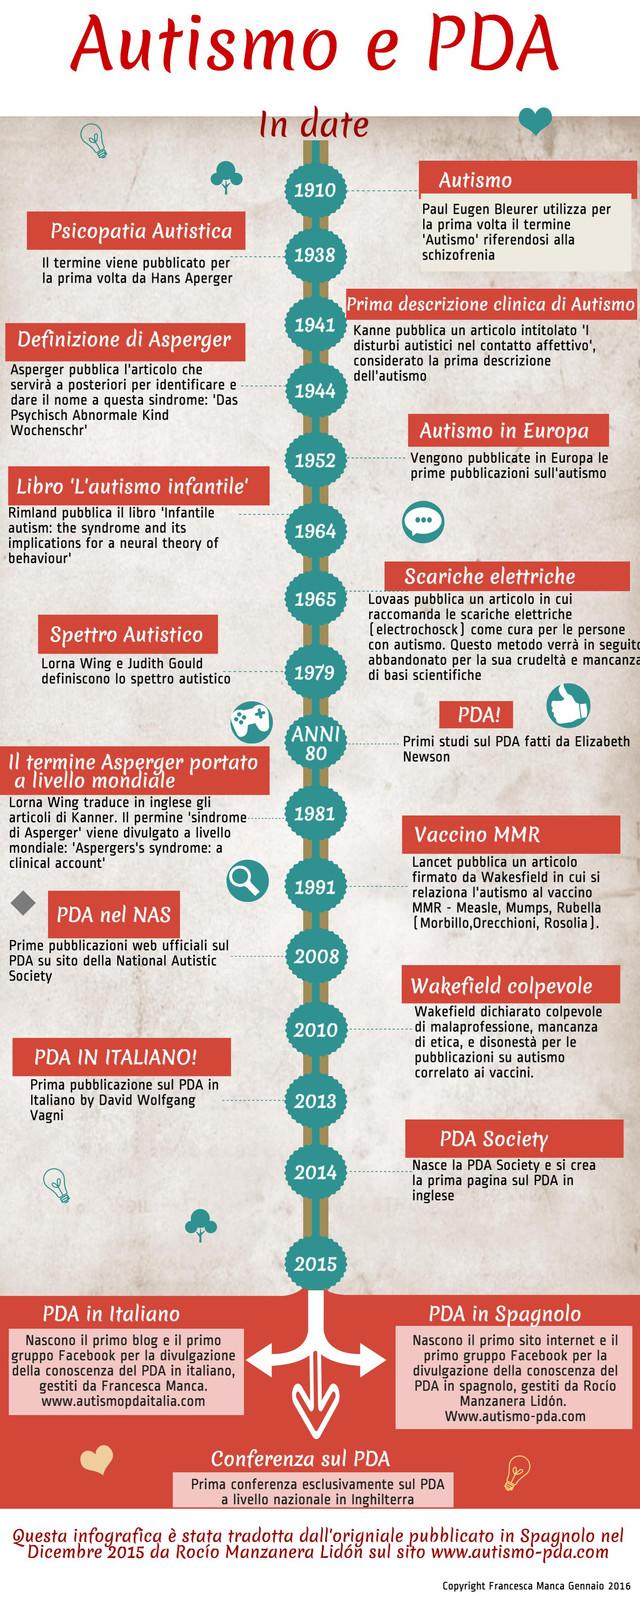 Il PDA nella storia